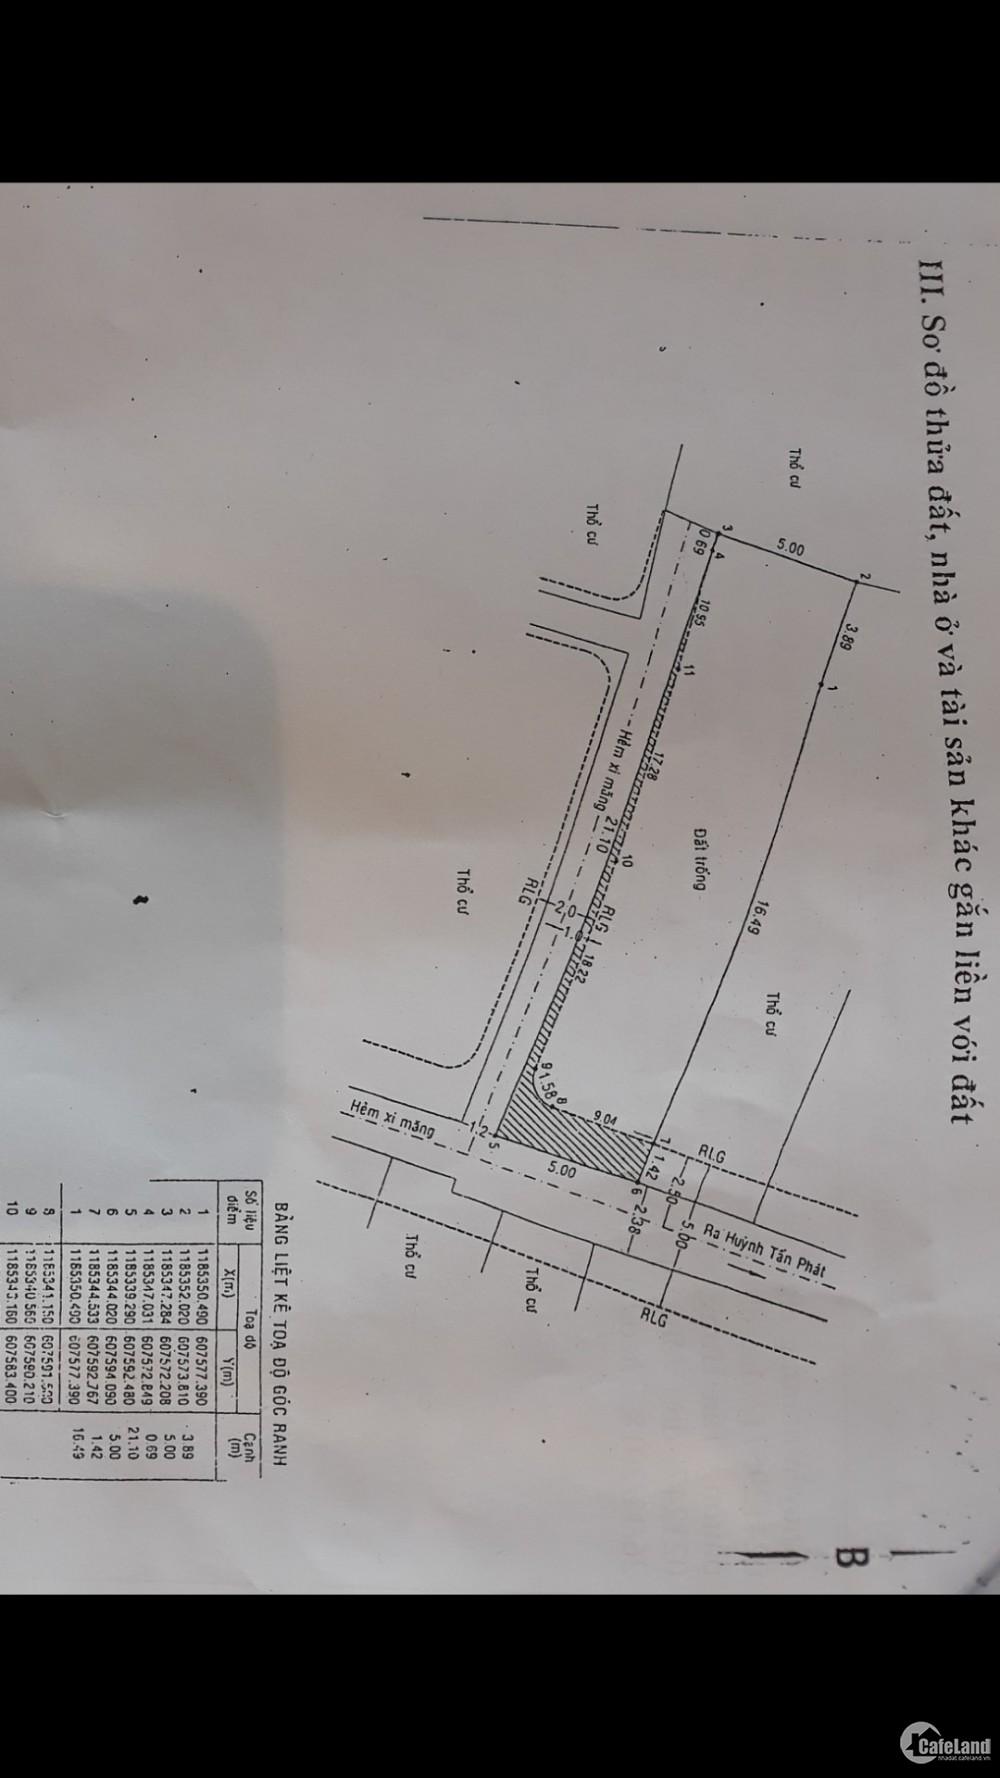 Bán gấp đất hẻm 1250 Huỳnh Tấn Phát .Phường Phú Mỹ Q7